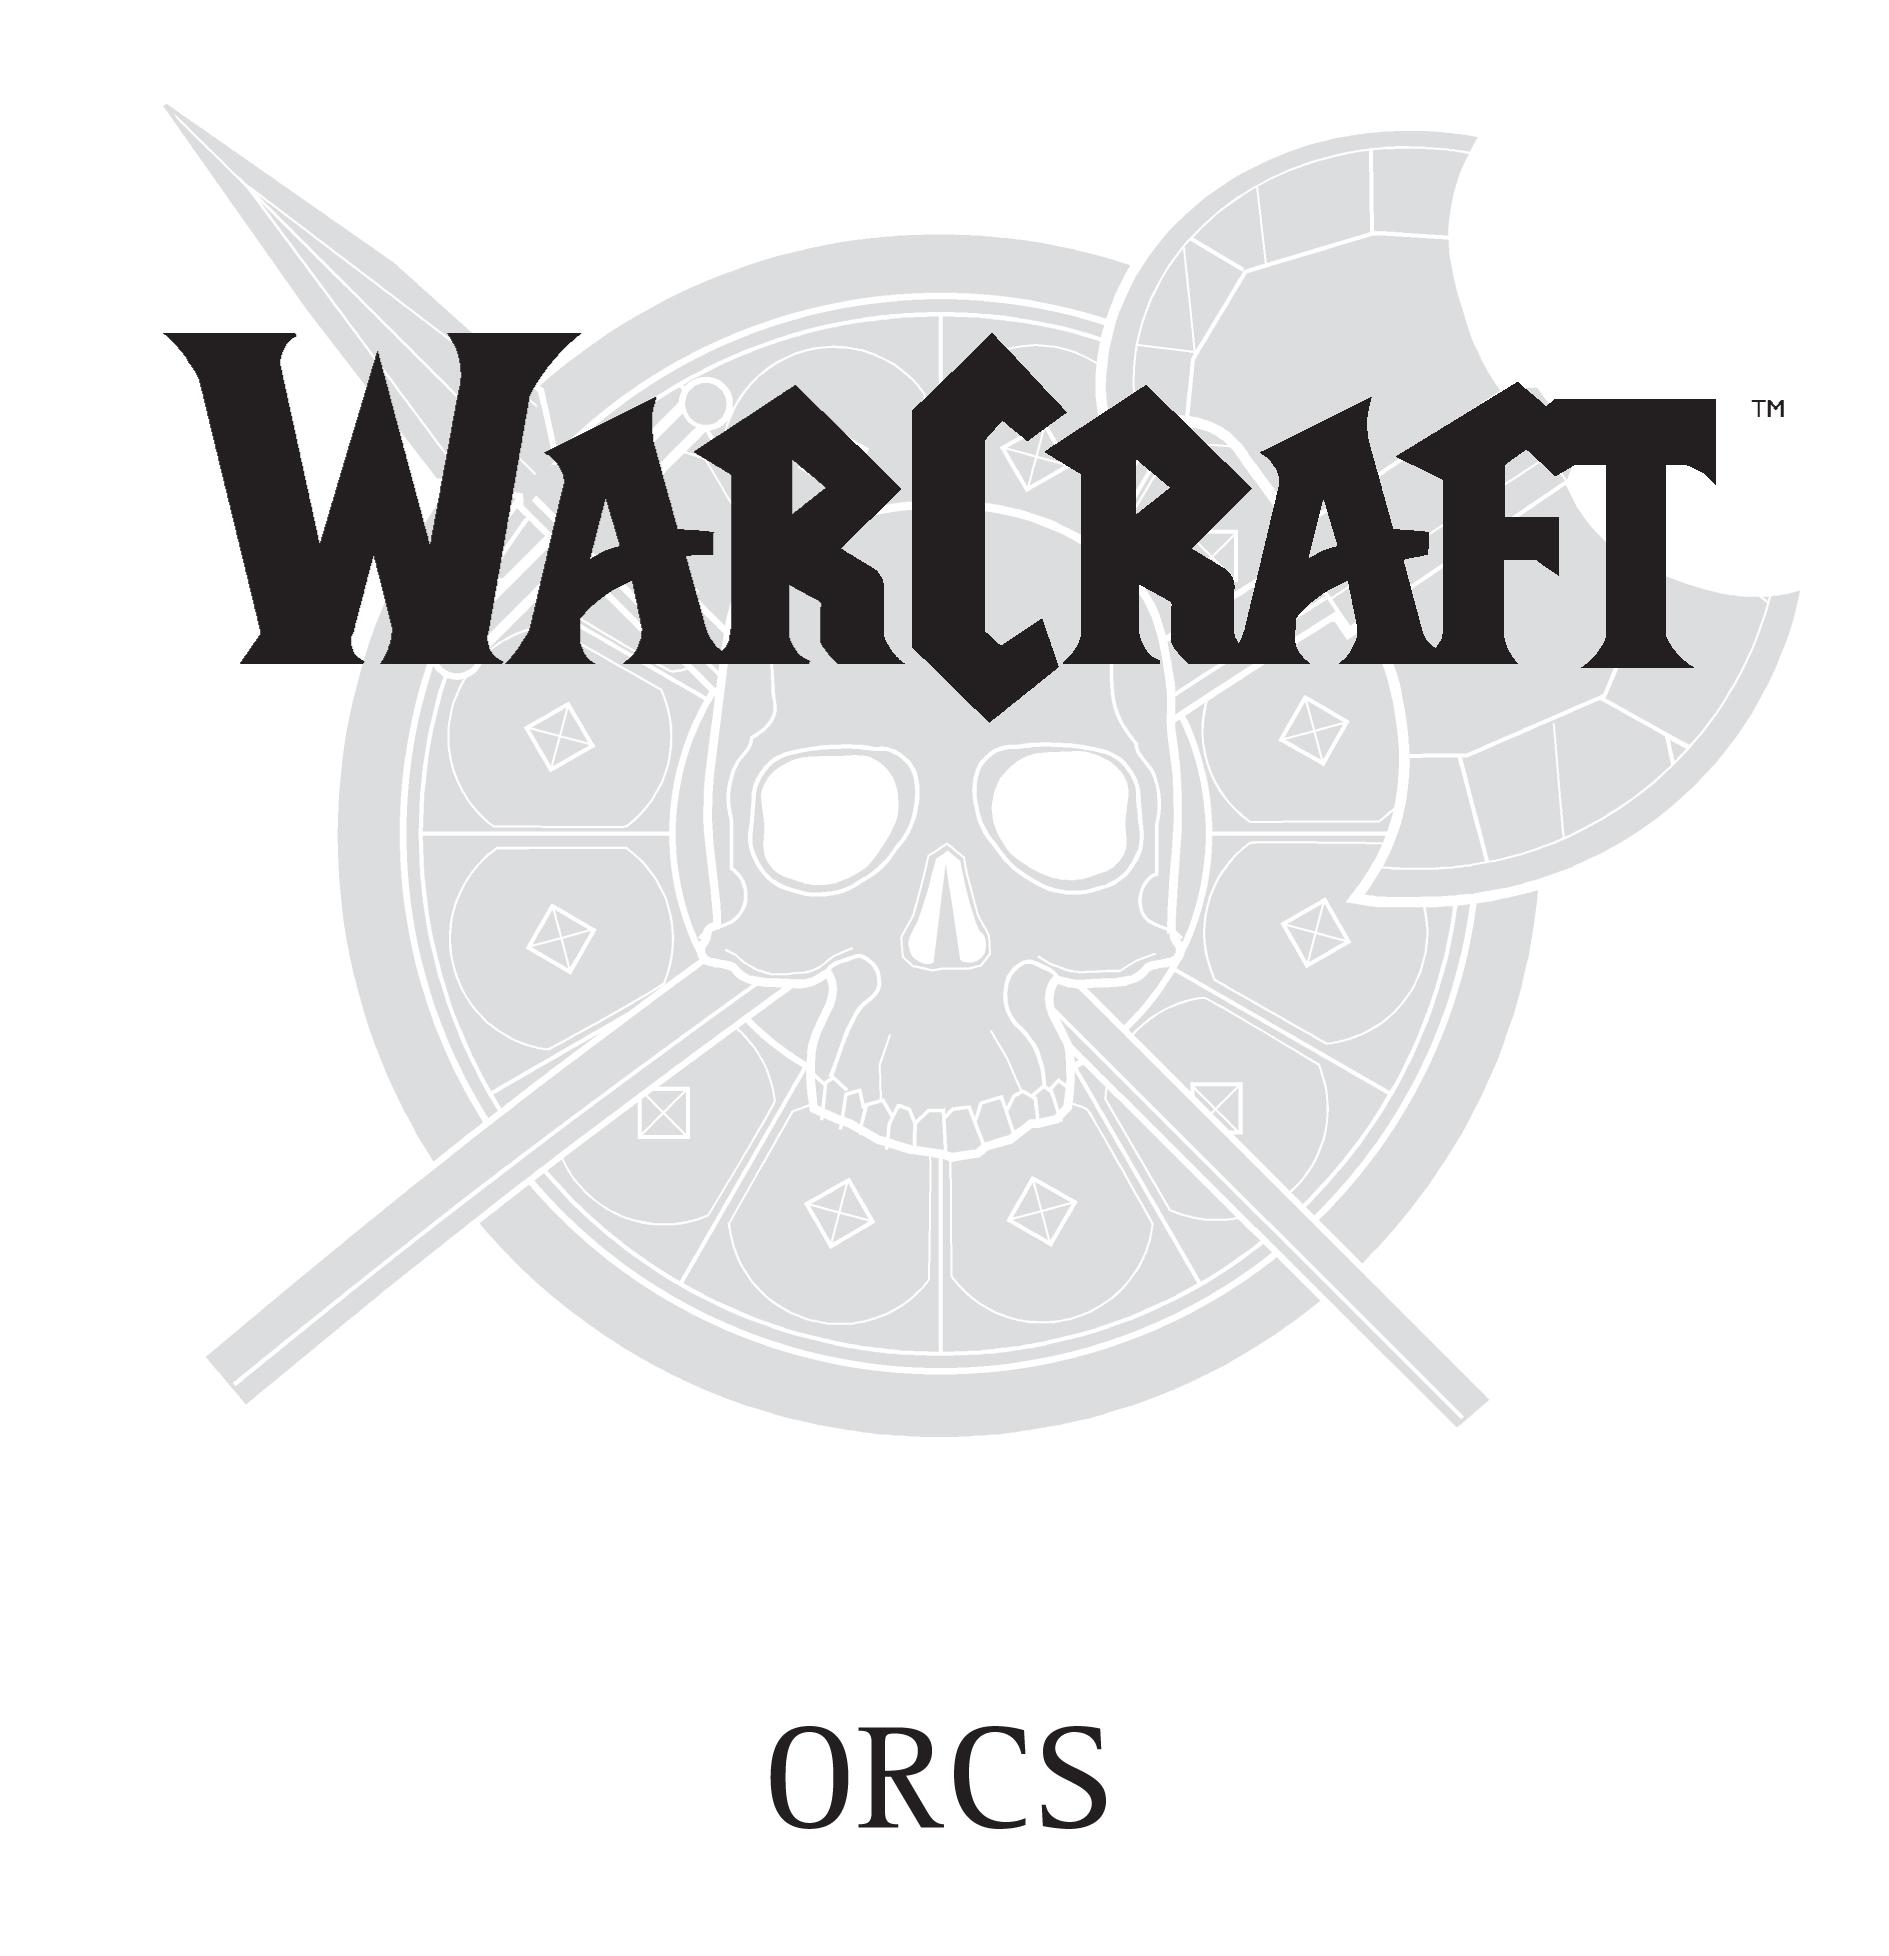 Warcraft Orcs